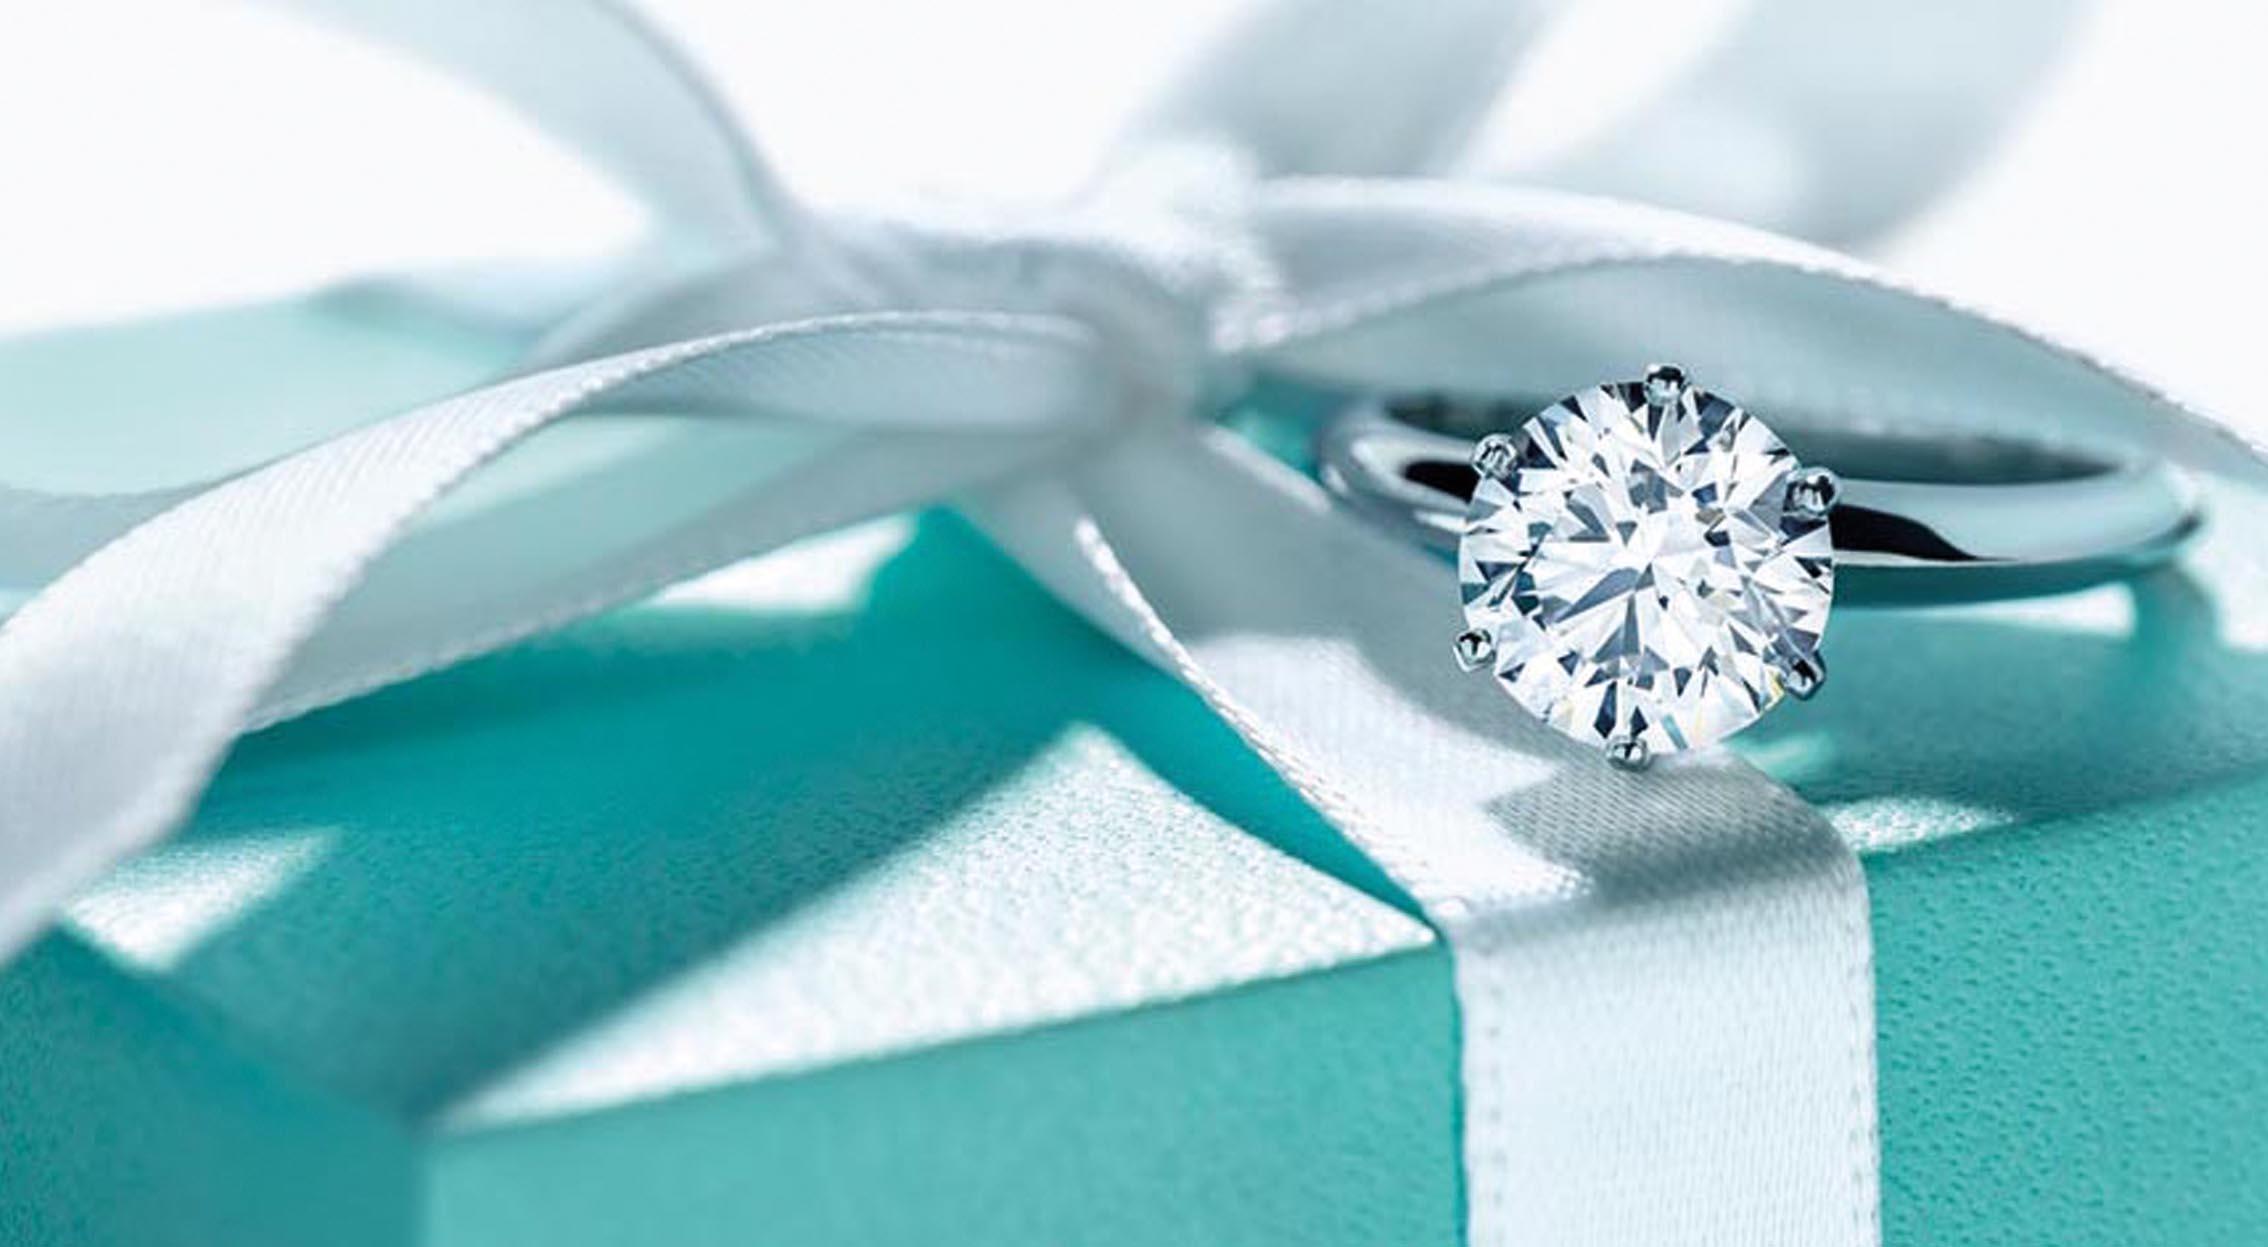 Tiffany Lampen Amsterdam : Glas und diamanten cover